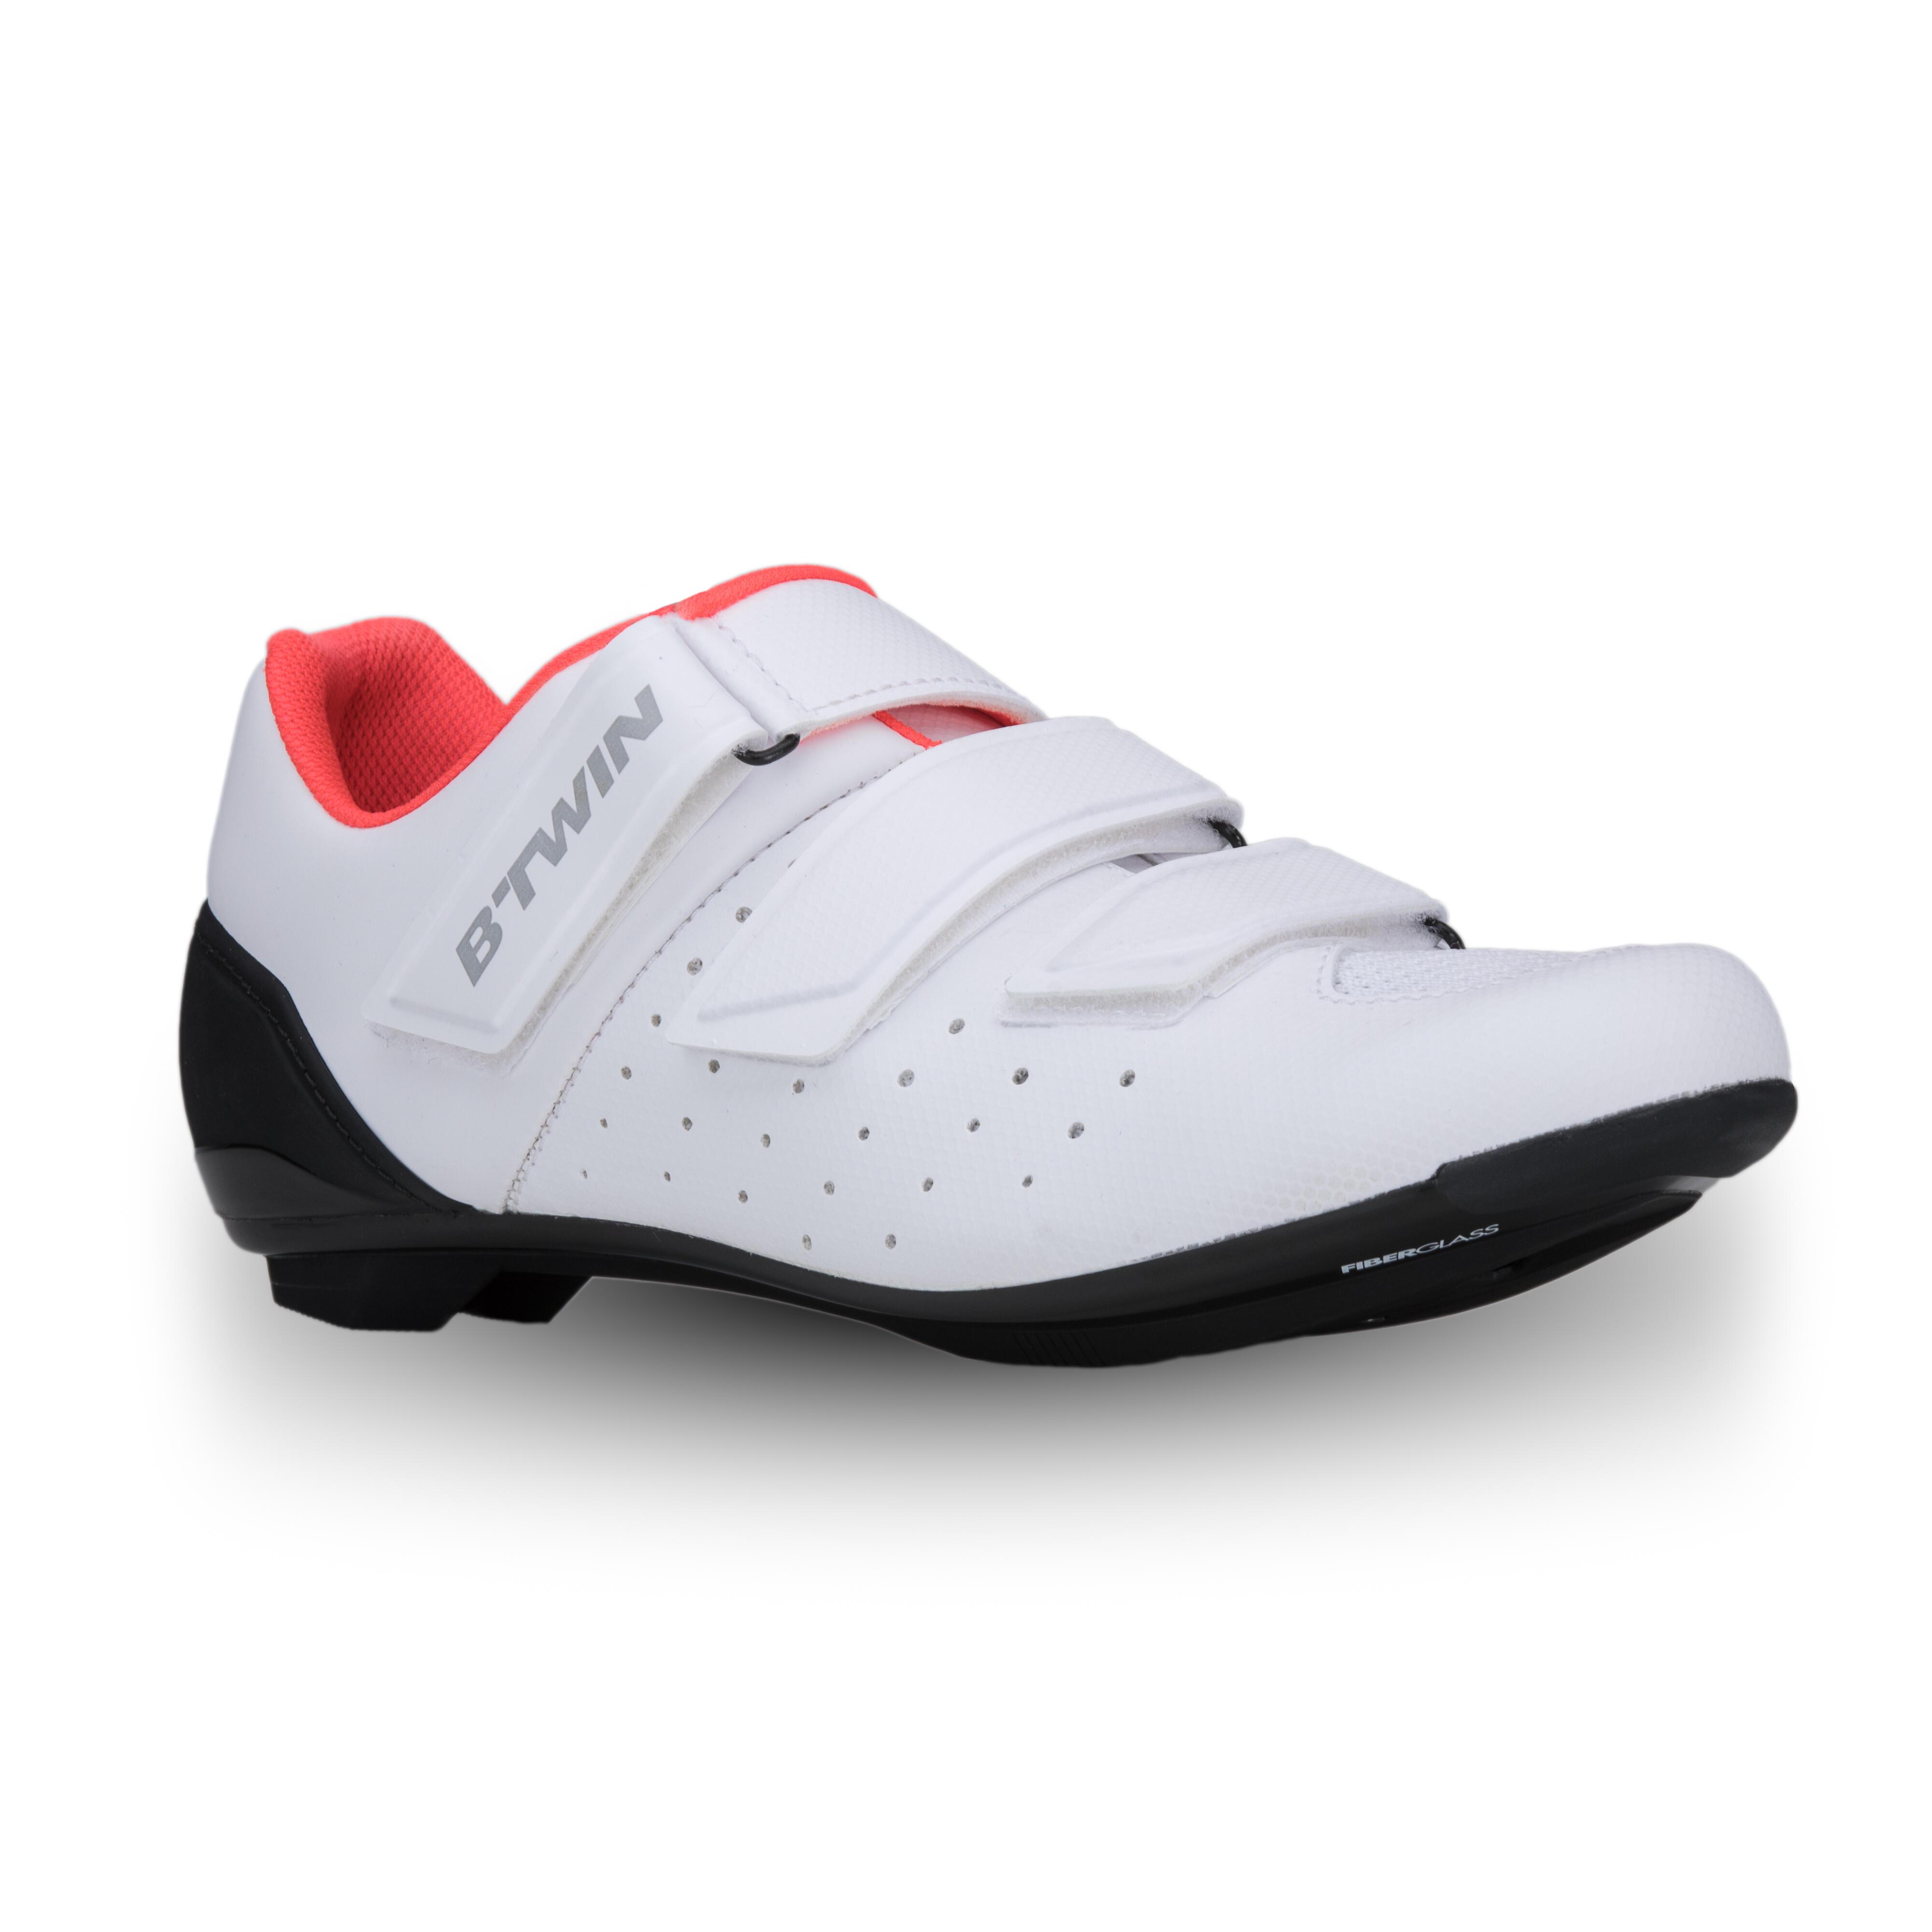 Fahrrad-Schuhe Rennrad RR 500 rosa/weiß | Schuhe > Sportschuhe > Fahrradschuhe | Rot - Rosa - Weiß | B'twin